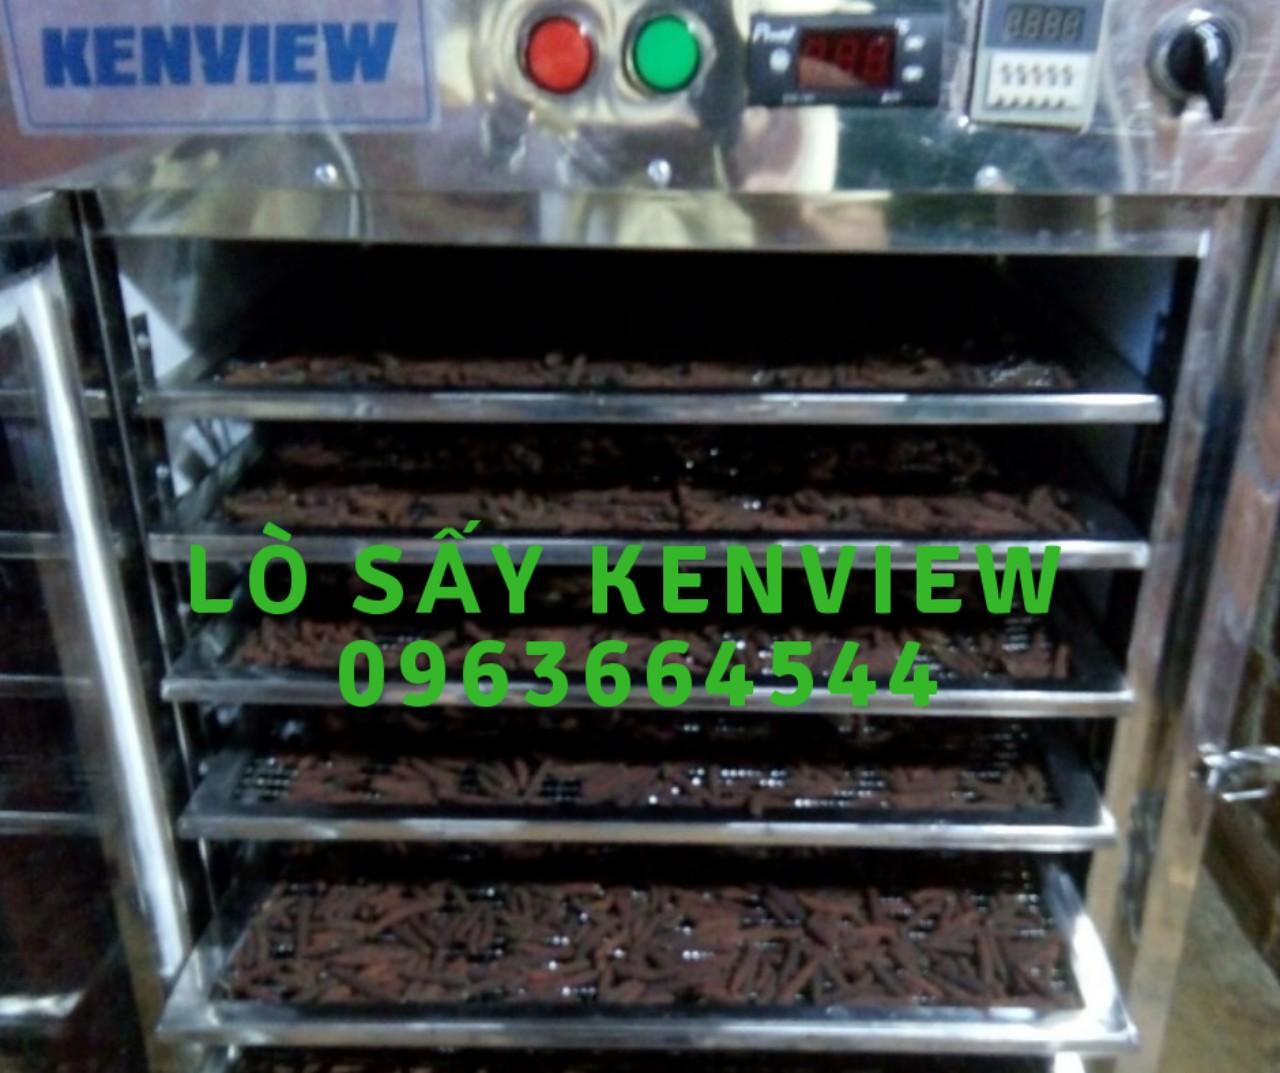 Tiêu sấy khô - máy sấy nông sản công nghiệp 0963664544